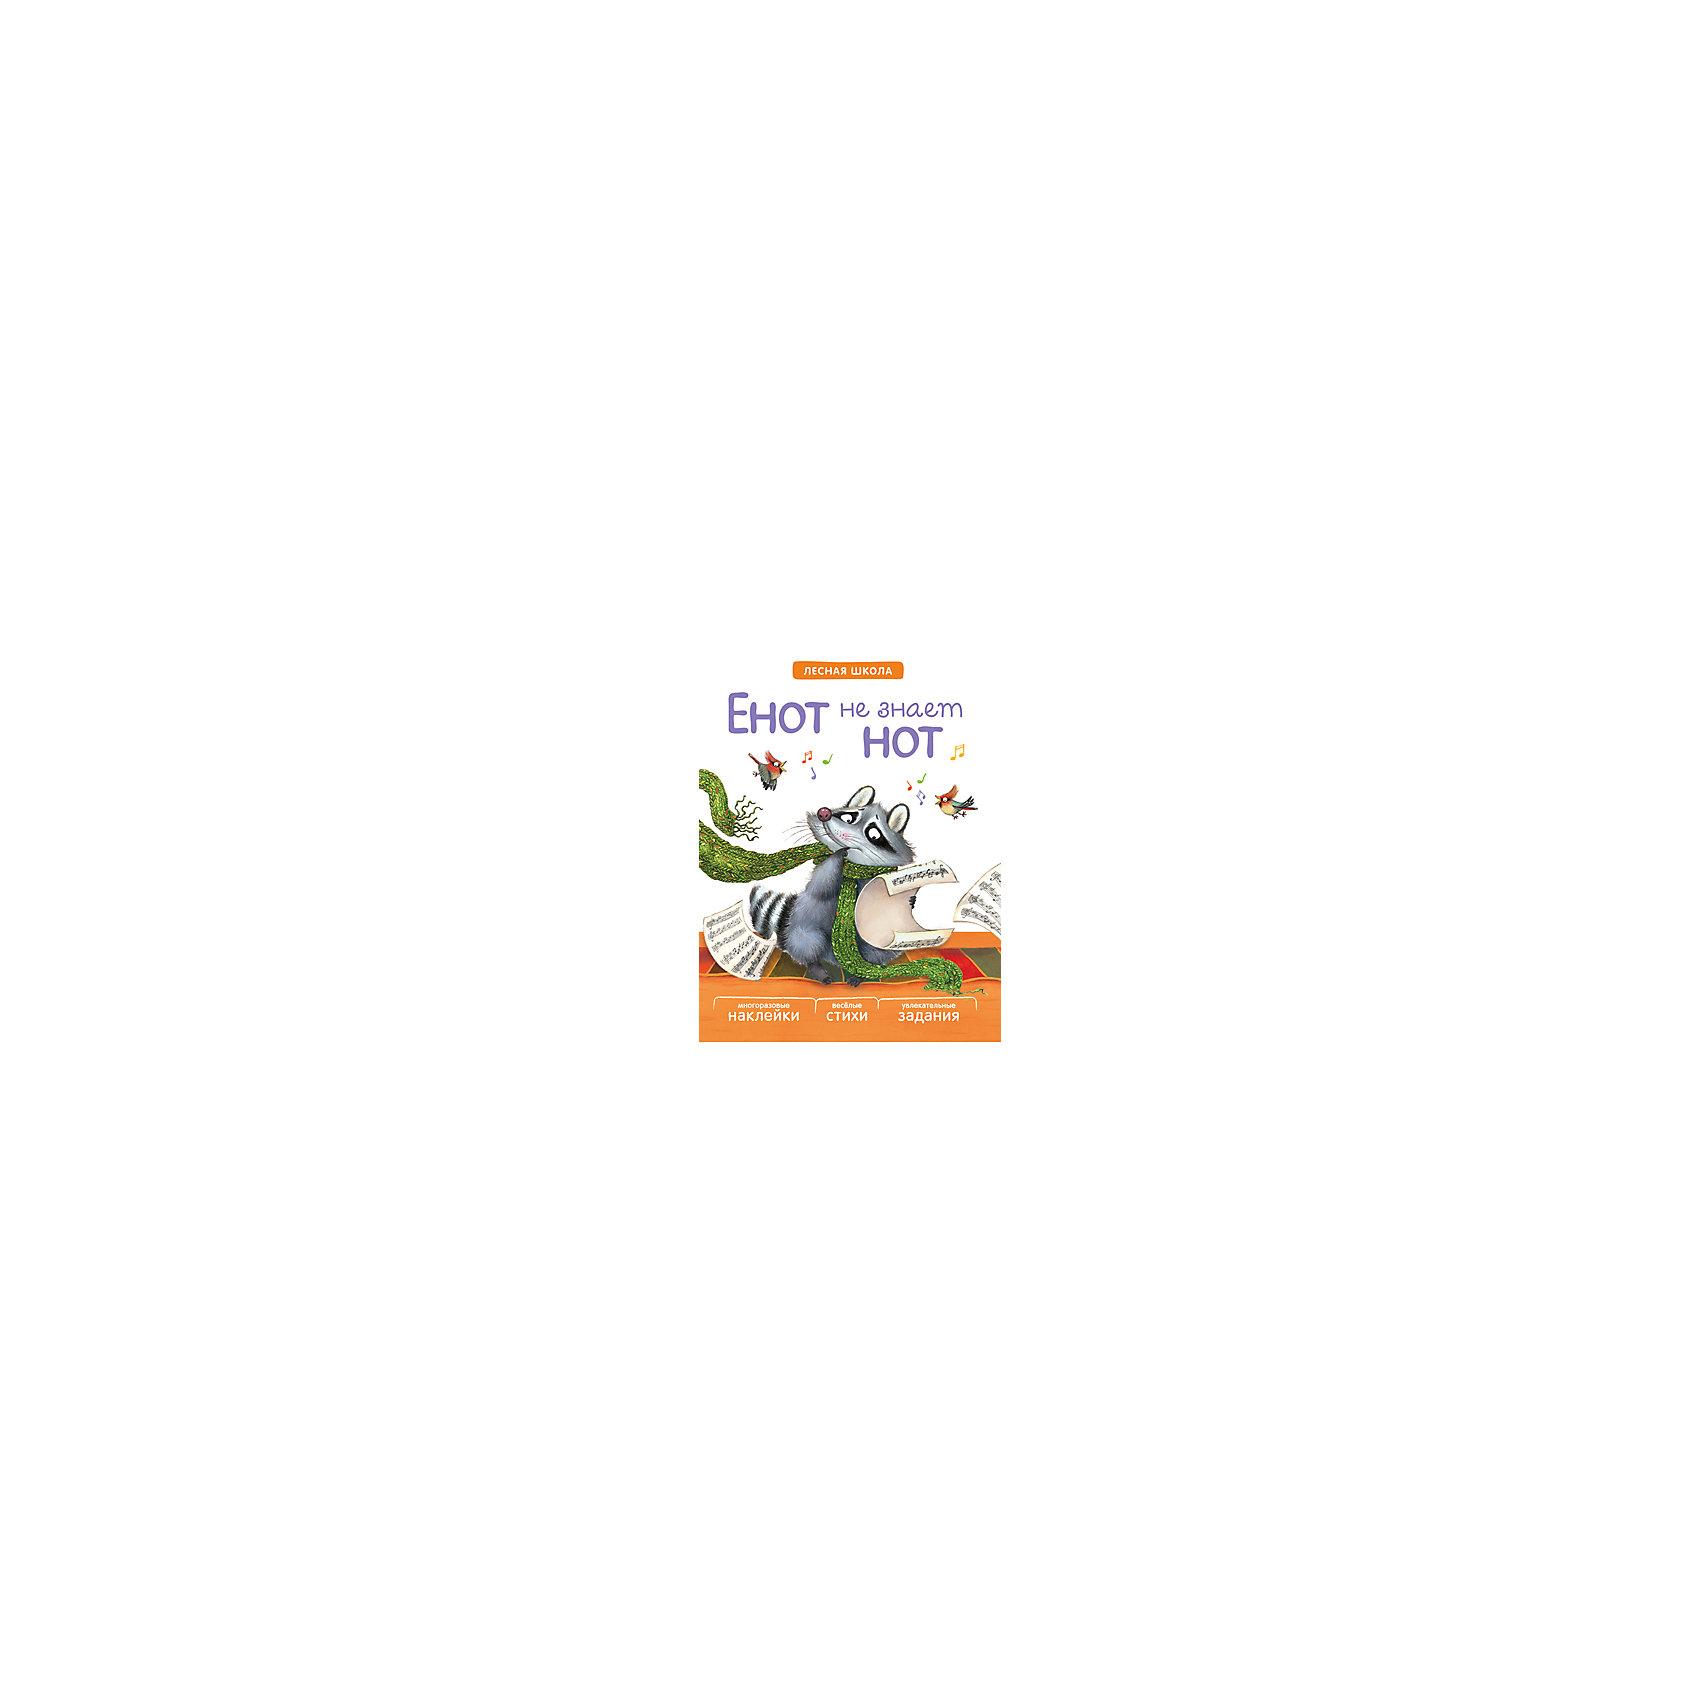 Книга Лесная школа: Енот не знает нотКнижки с наклейками<br>Книга «Лесная школа: Енот не знает нот»<br><br>Характеристики:<br>• издательство: Мозаика-Синтез;<br>• размер: 20х26 см.;<br>• количество страниц: 18;<br>• тип обложки: мягкая;<br>• иллюстрации: цветные;<br>• ISBN: 9785431508899;<br>• вес: 90 г.;<br>• для детей в возрасте: от 4 до 7 лет;<br>• страна производитель: Россия.<br>Развивающая книжка с наклейками из серии «Лесная школа» предназначена для занятий с детьми и раскрытия профессии музыканта. Книга с яркими рисунками на всю страницу наполнена стихотворениями, интересными заданиями и подразумевает использование наклеек из комплекта. Интересная история о еноте позволит ребёнку выучить музыкальные инструменты, а также принимать участие по ходу рассказа с помощью наклеек и заданий. Наклейки из набора качественно проработаны и могут быть наклеены несколько раз. Занимаясь с этой книжкой дети смогут развивать мелкую моторику рук, логическое мышление, чувство цвета, творческие способности. Слушая сказки и отвечая на вопросы дети развивают память, словарный запас, учатся правильно формировать и строить предложения, запоминают основные правила русского языка.<br>Книгу «Лесная школа: Енот не знает нот» можно купить в нашем интернет-магазине.<br><br>Ширина мм: 20<br>Глубина мм: 195<br>Высота мм: 255<br>Вес г: 90<br>Возраст от месяцев: 48<br>Возраст до месяцев: 84<br>Пол: Унисекс<br>Возраст: Детский<br>SKU: 5562629